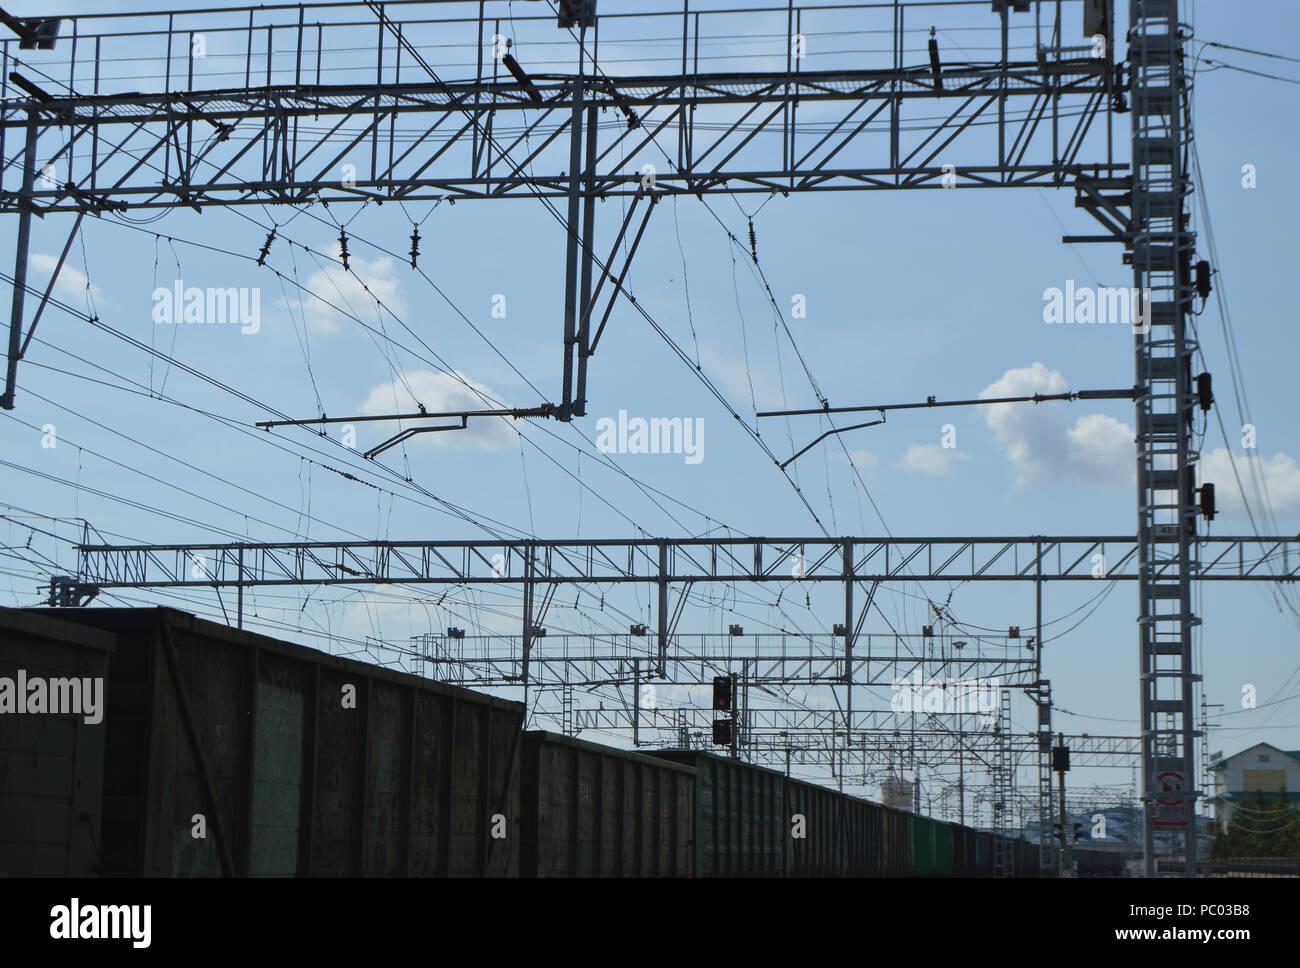 Ansicht schließen der elektrischen Kontakt Netzwerk von Eisenbahnen und Eisenbahnlinien im Hintergrund Stockbild